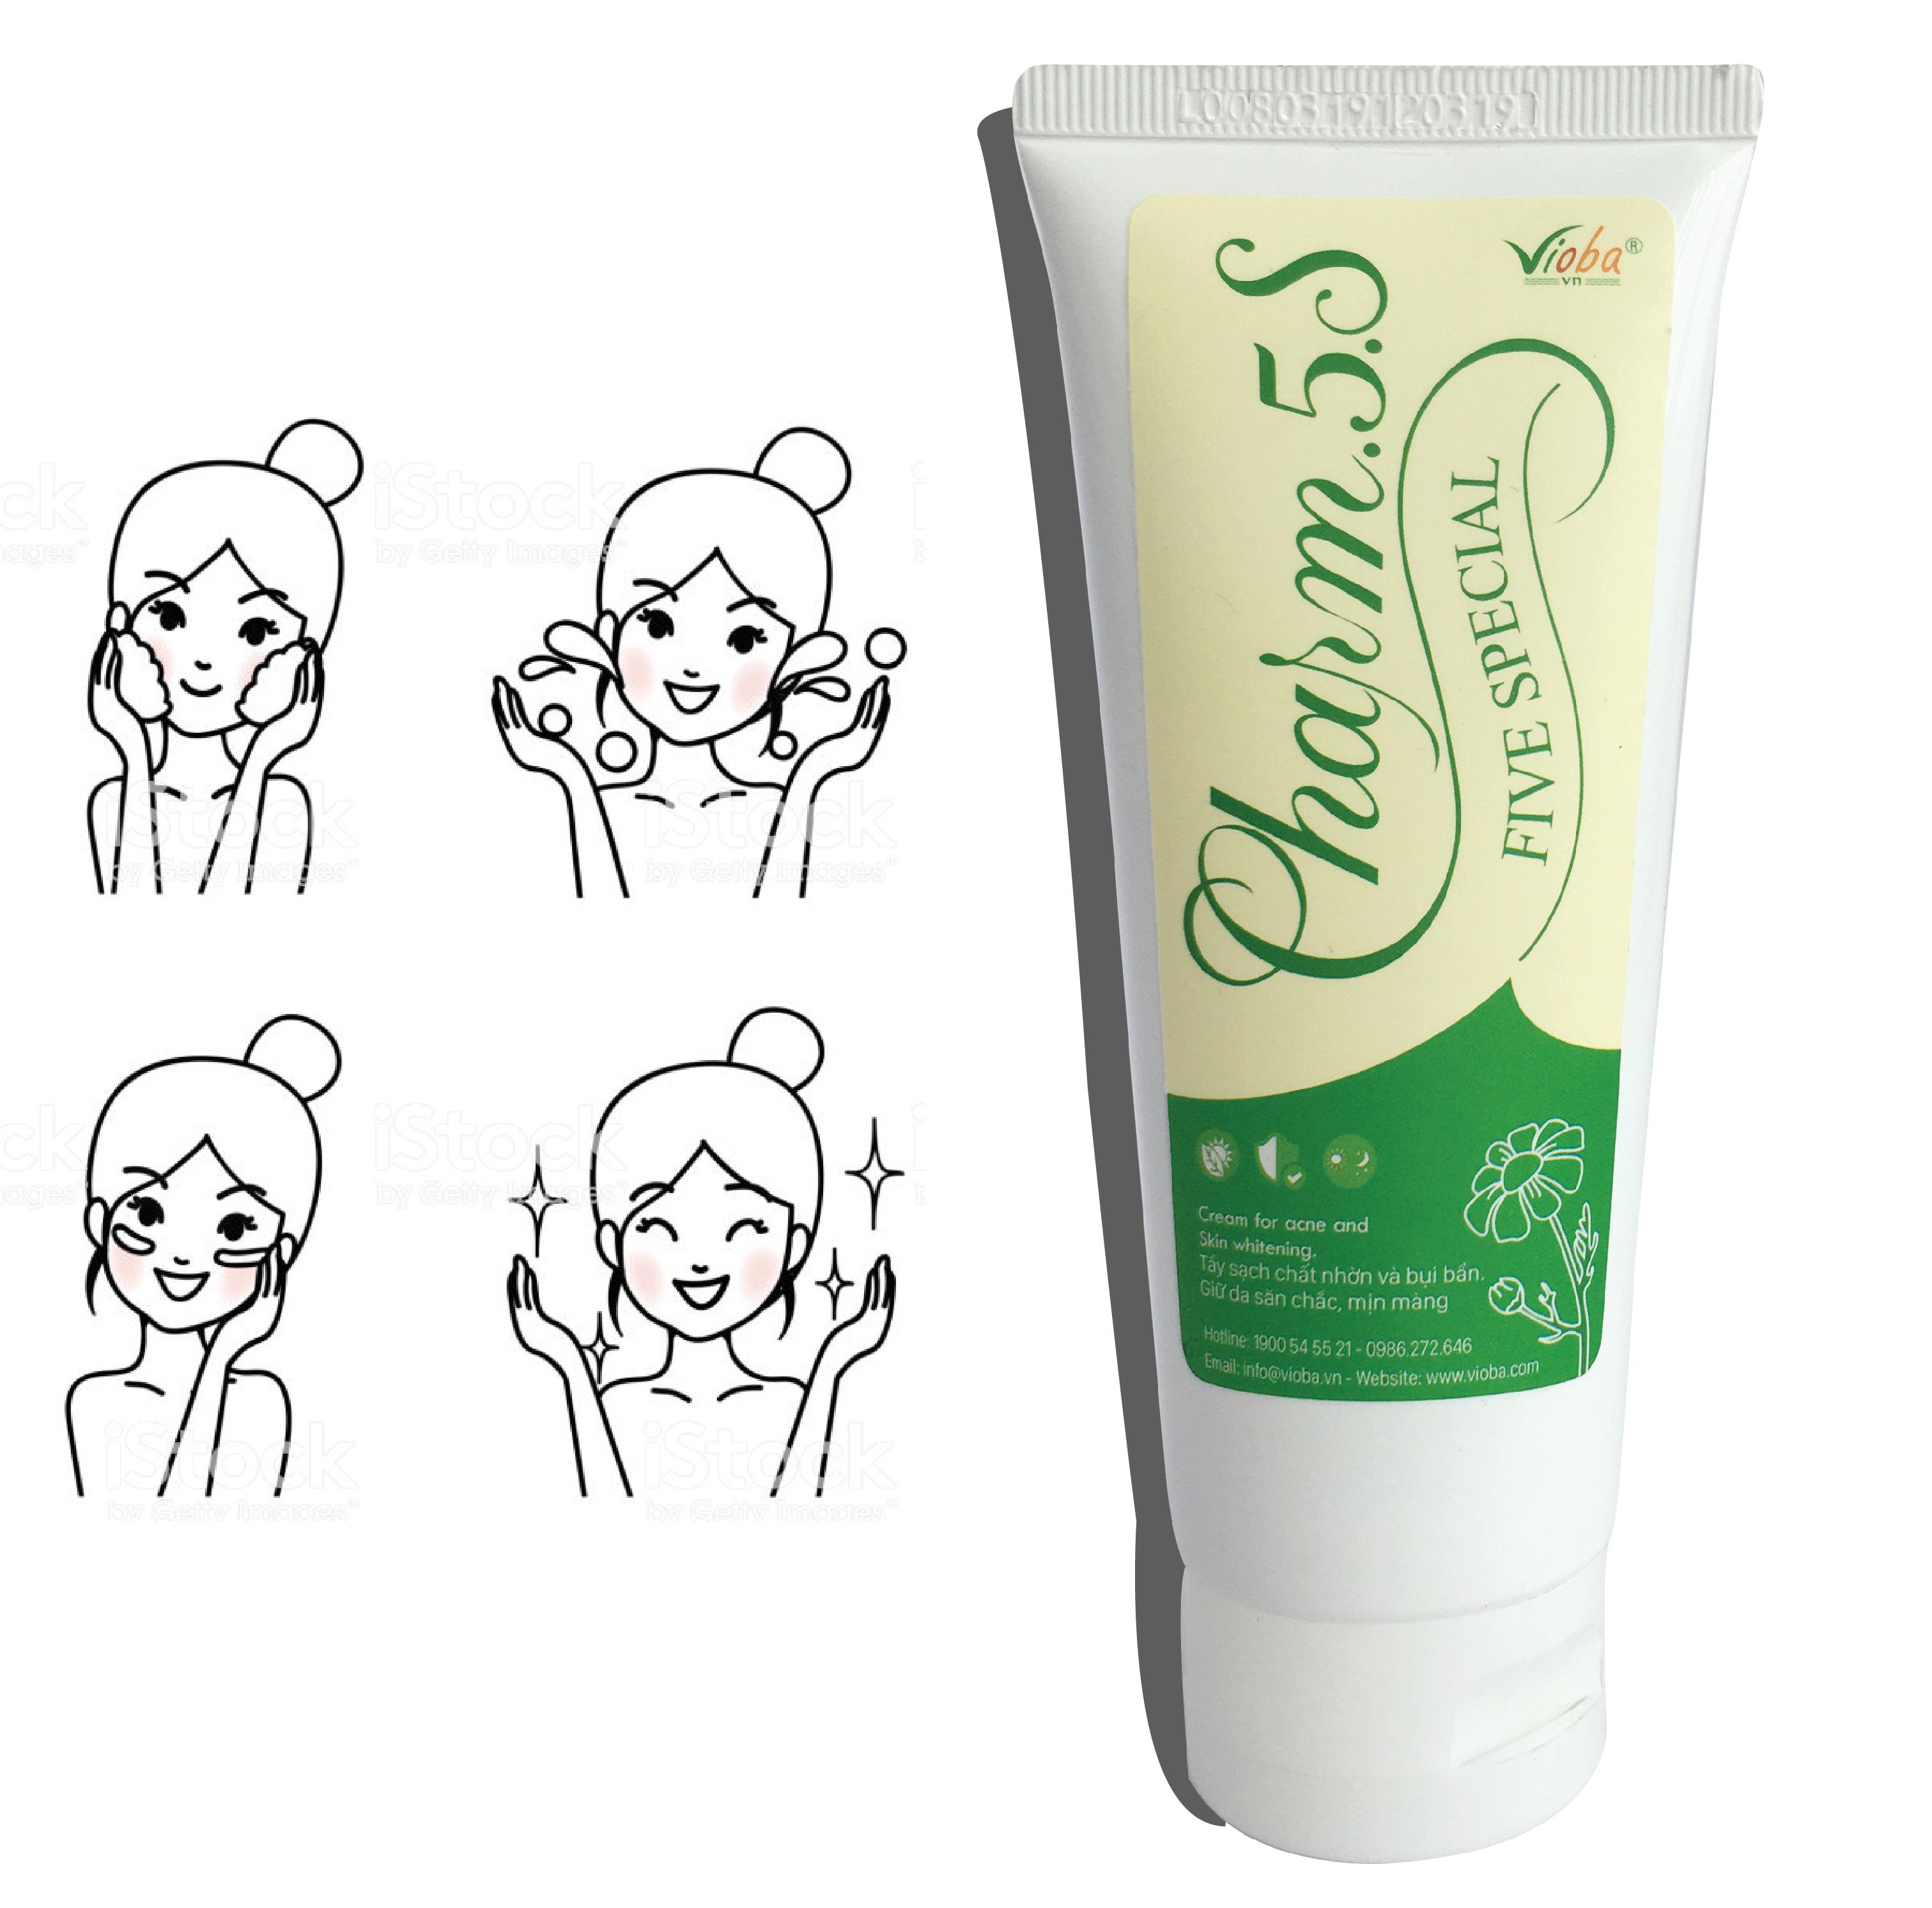 Sữa rửa mặt Charm.5.S - Làm sạch da, dưỡng ẩm, se lỗ chân lông, mờ vết thâm do mụn. Giúp da mềm mại, mịn màng trắng sáng. Tuýp 70g.